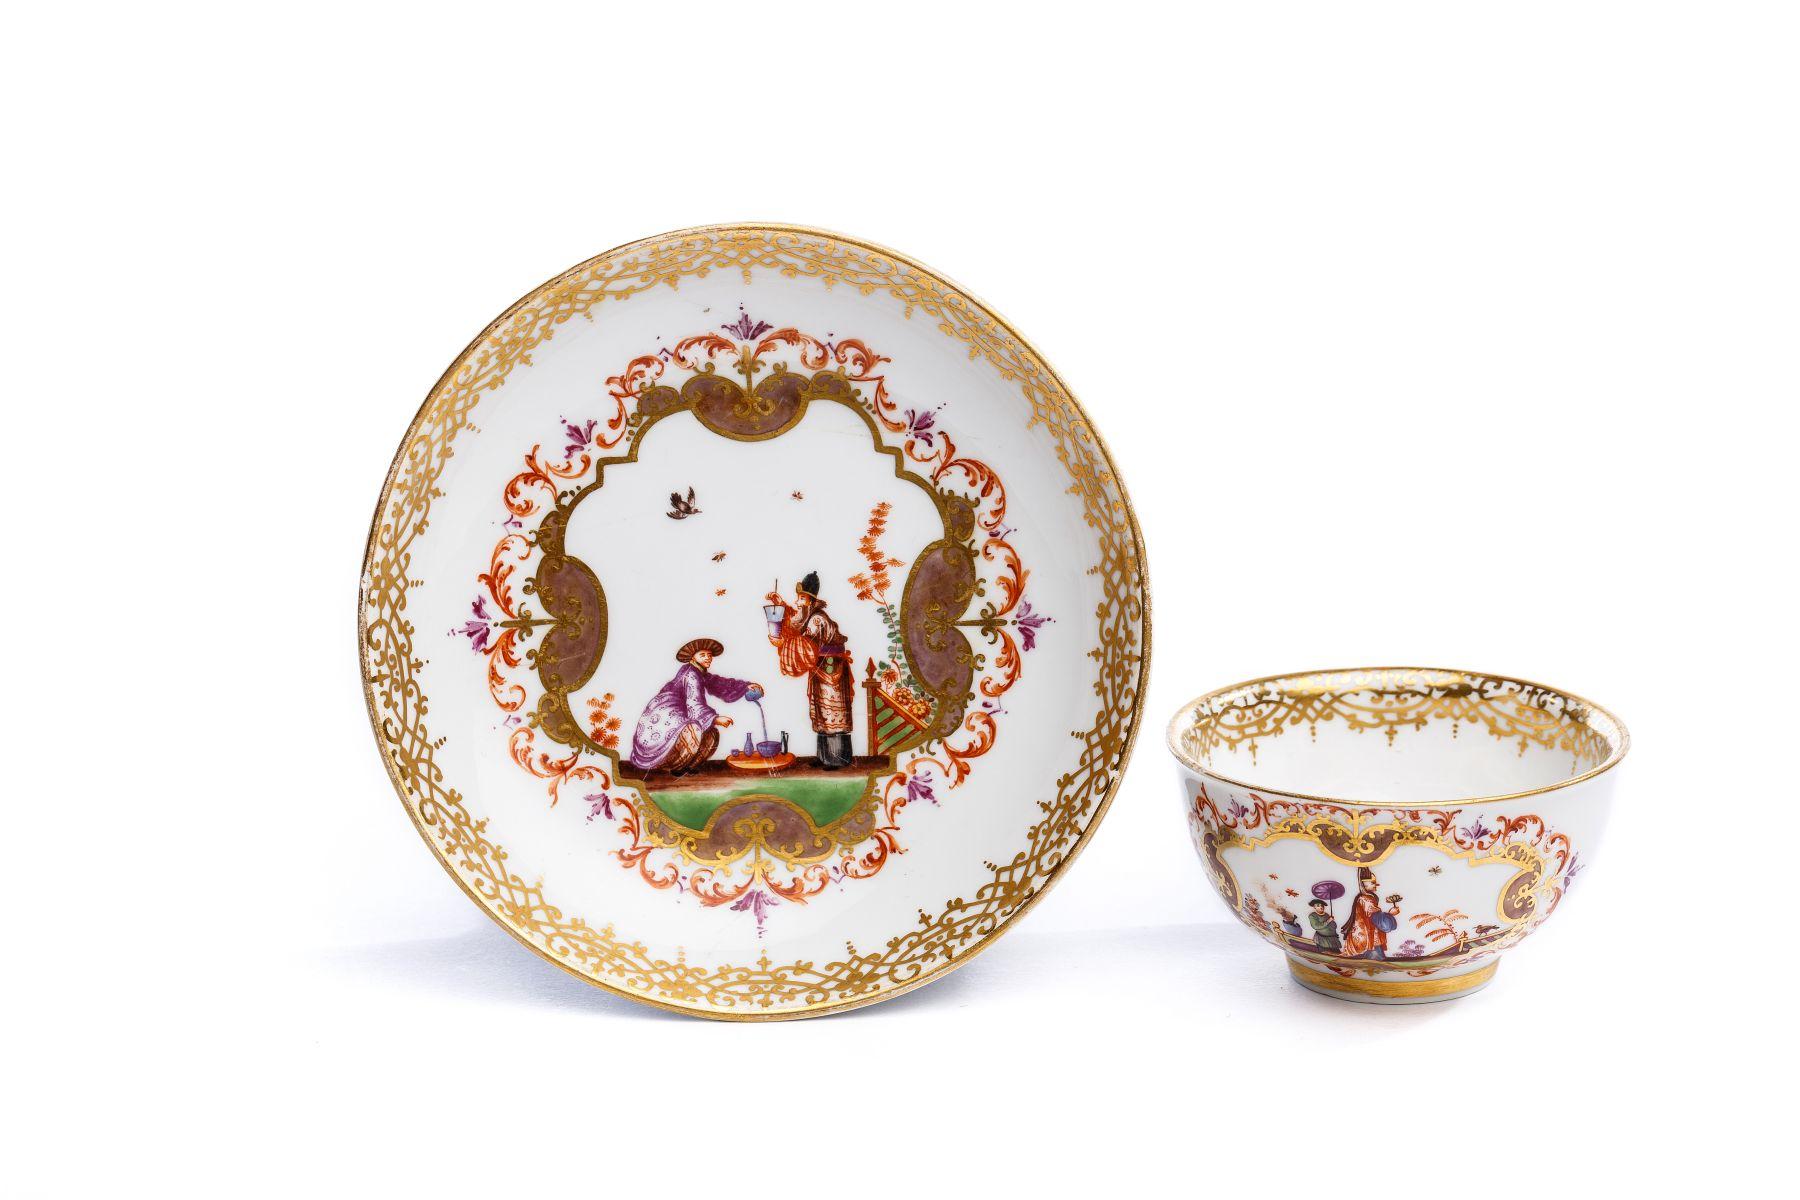 #43 Bowl with saucer, Meissen 1723/25 | Koppchen mit Unterschale, Meissen 1723/25 Image